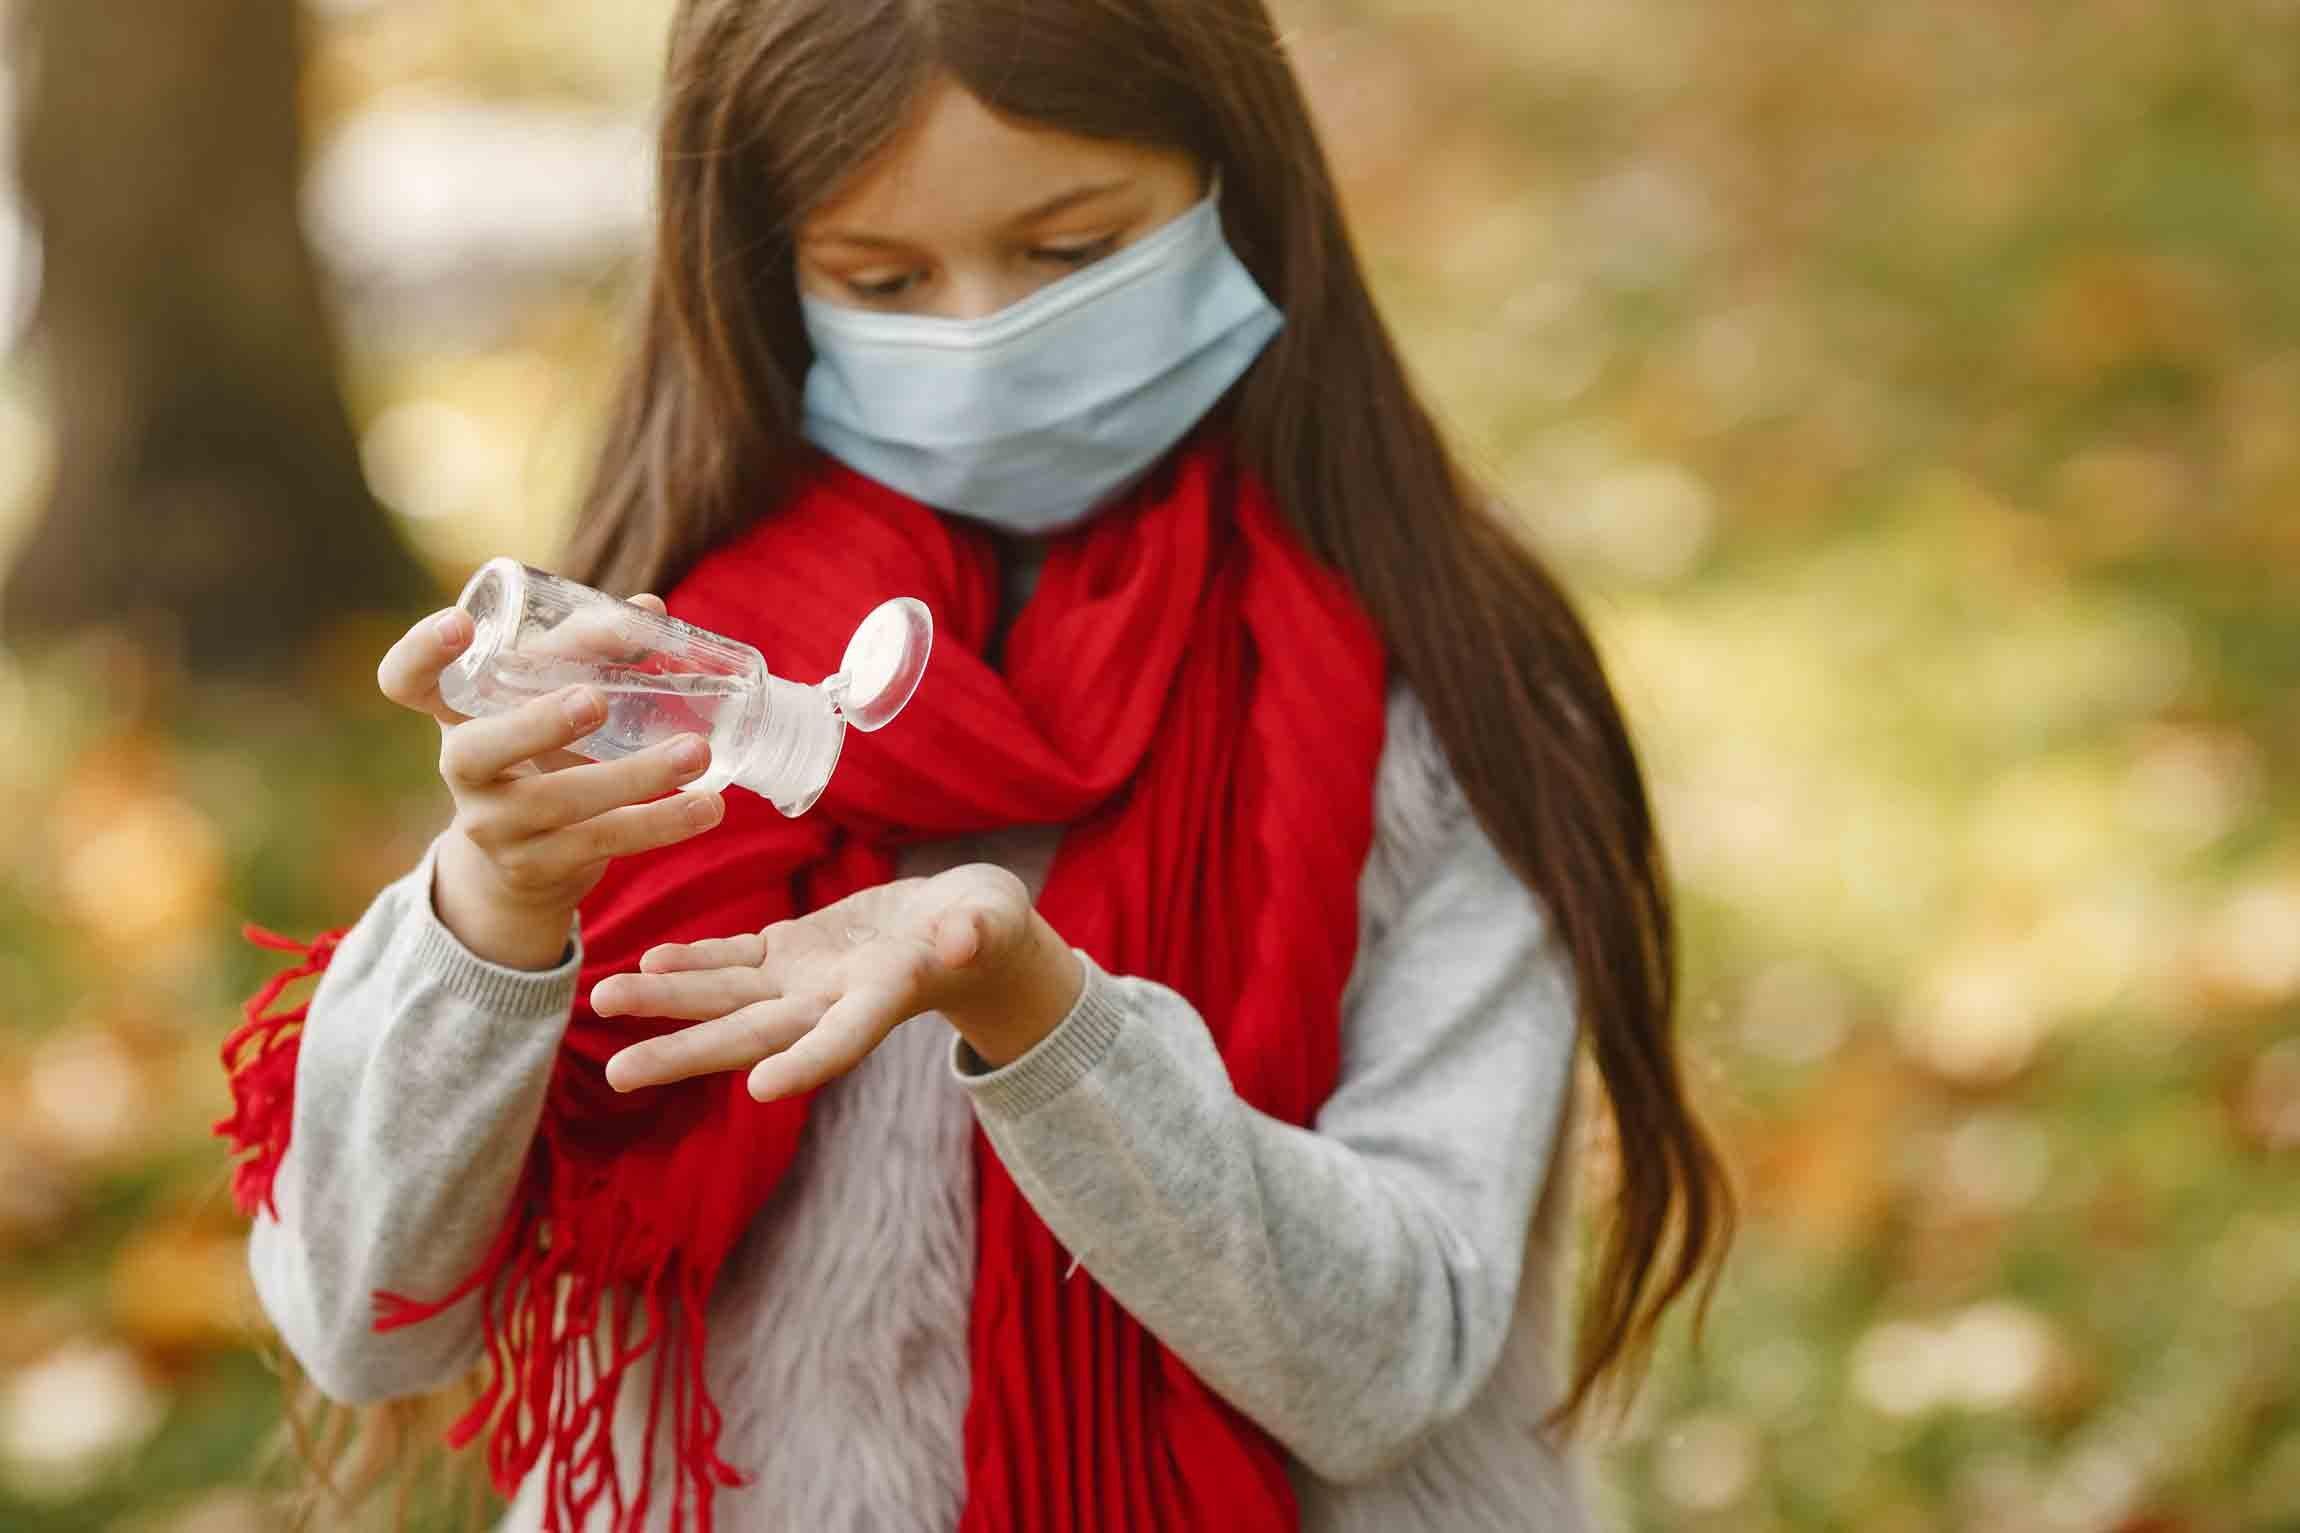 Les gestes barrières peuvent limiter la propagation du virus de la varicelle